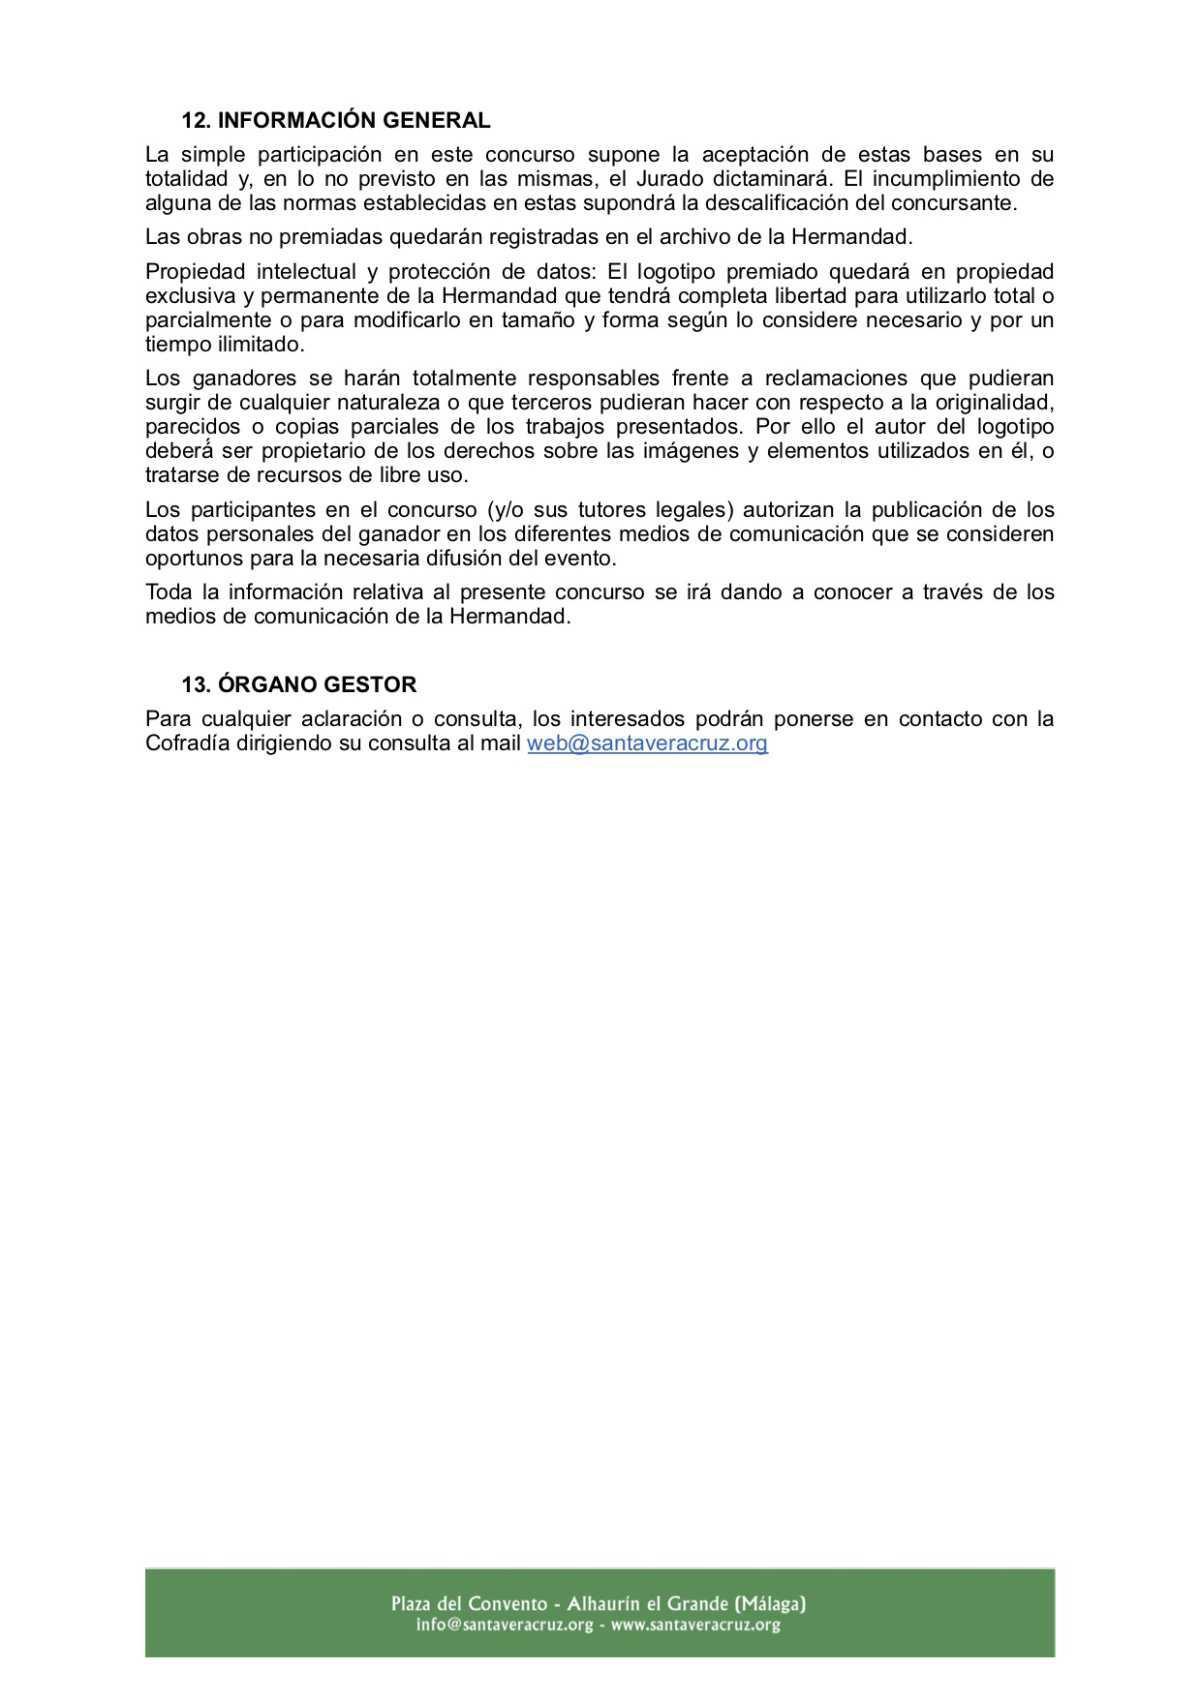 Convocatoria del Concurso para el diseño del logotipo conmemorativo del Centenario de la Ermita del Convento